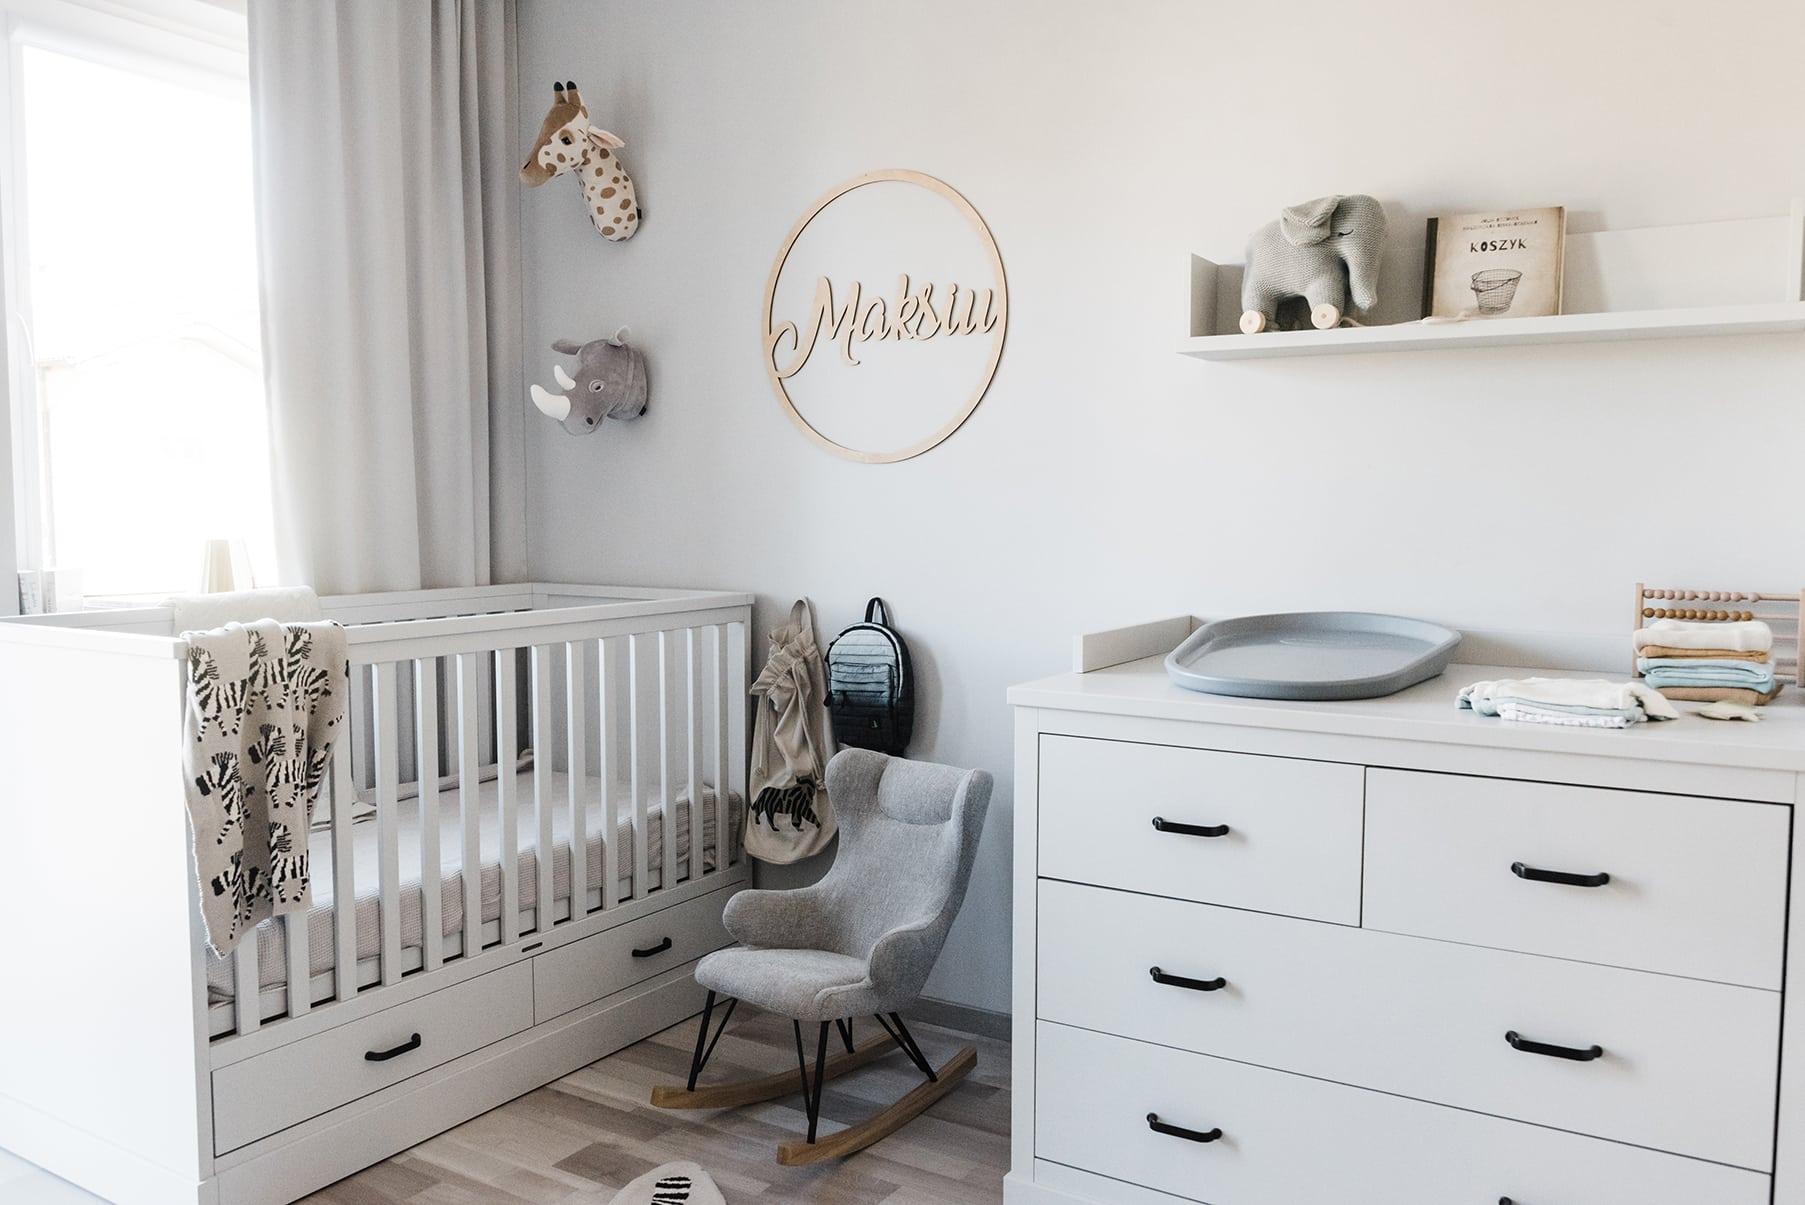 pokoik dla chłopca - pokój dwulatka